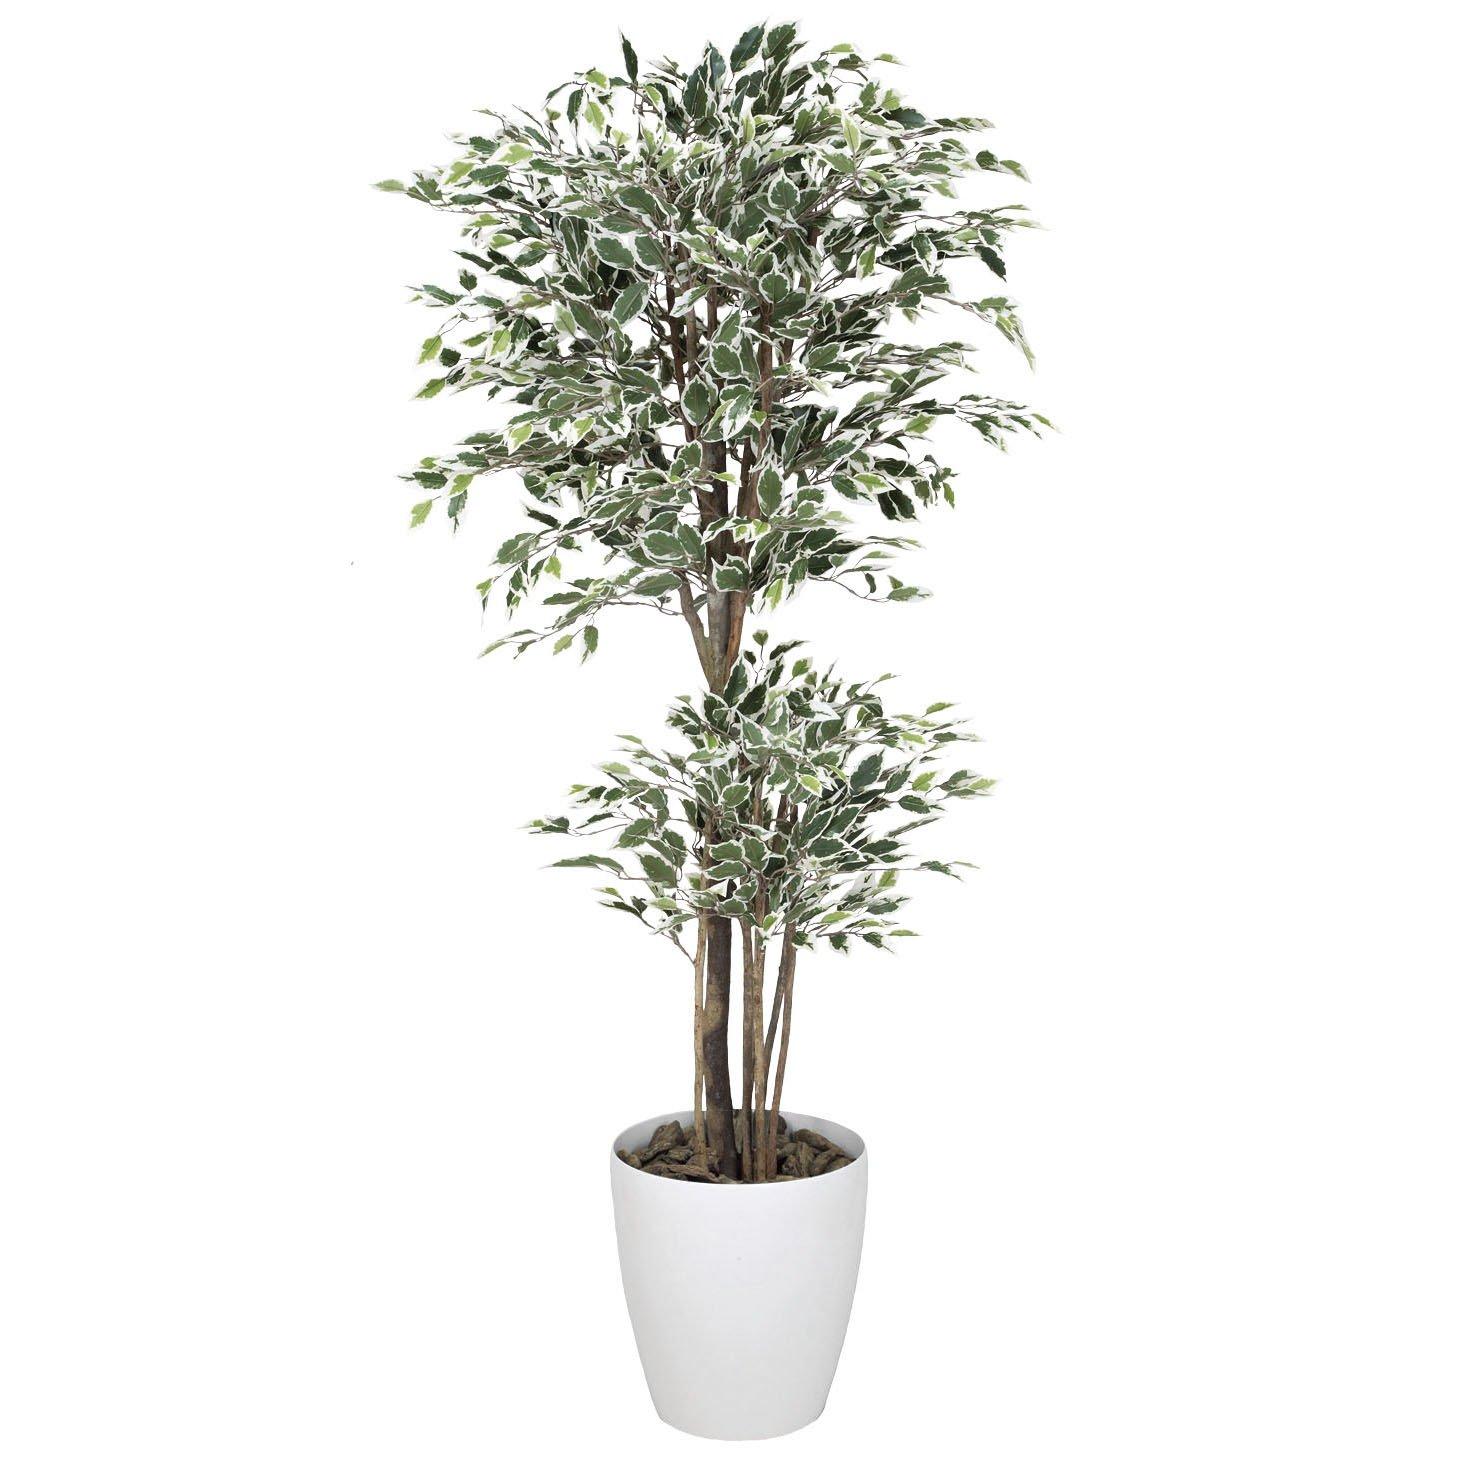 造花アート観葉植物 トロピカルベンジャミン斑入リ1.8【ビジネスフラワー】<開店開院祝い 誕生日プレゼント 長寿祝いなど各種お祝いにおすすめ> B01M31F4P6